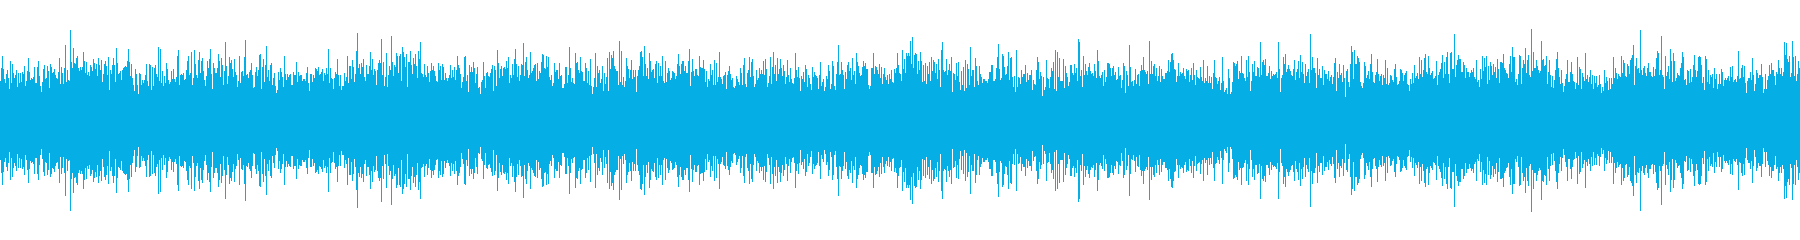 (ビュー)強風_吹雪_台風_ループ_02の再生済みの波形